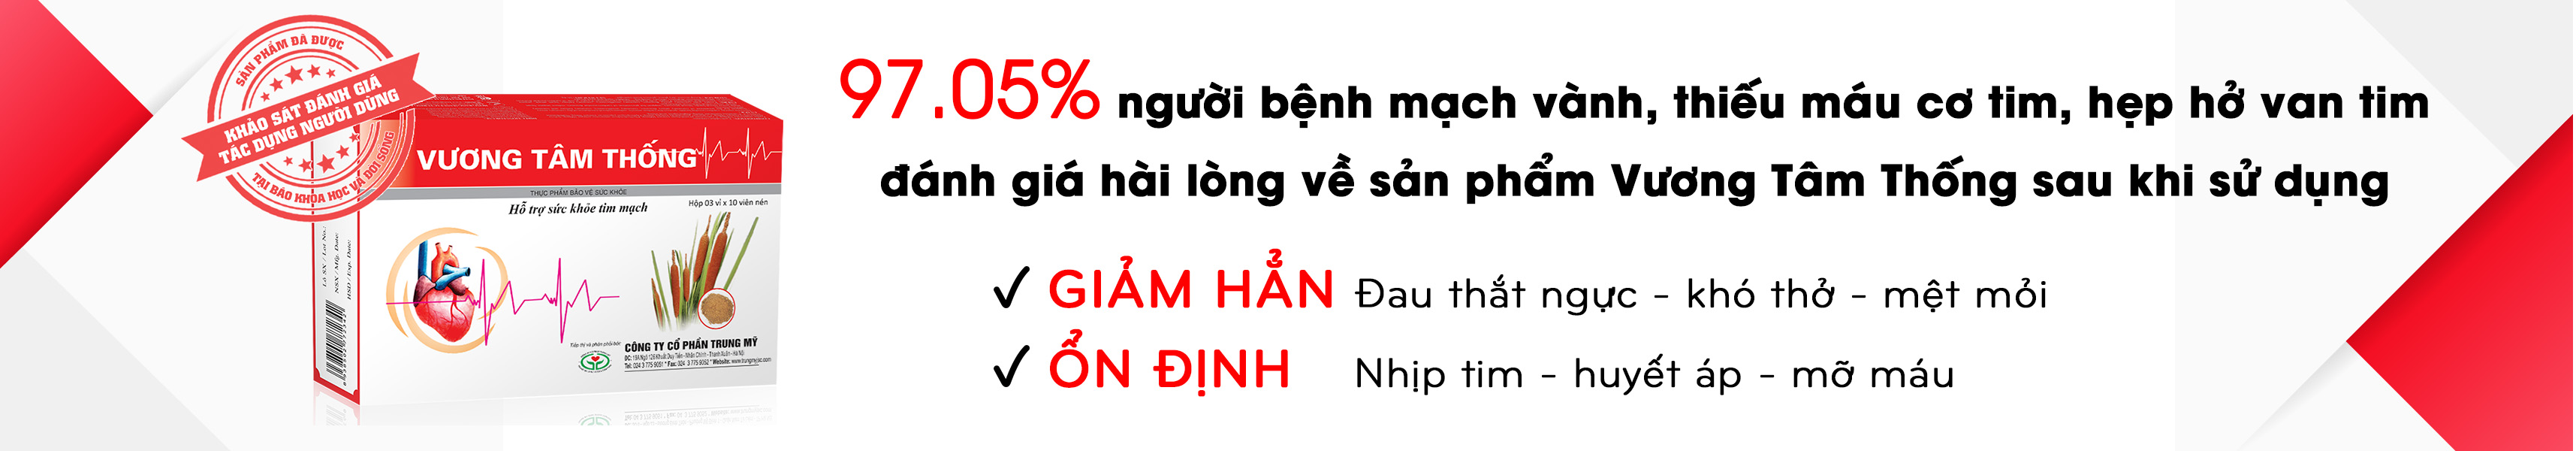 97,05% NGƯỜI BỆNH TIM MẠCH RẤT HÀI LÒNG SAU KHI DÙNG VƯƠNG TÂM THỐNG